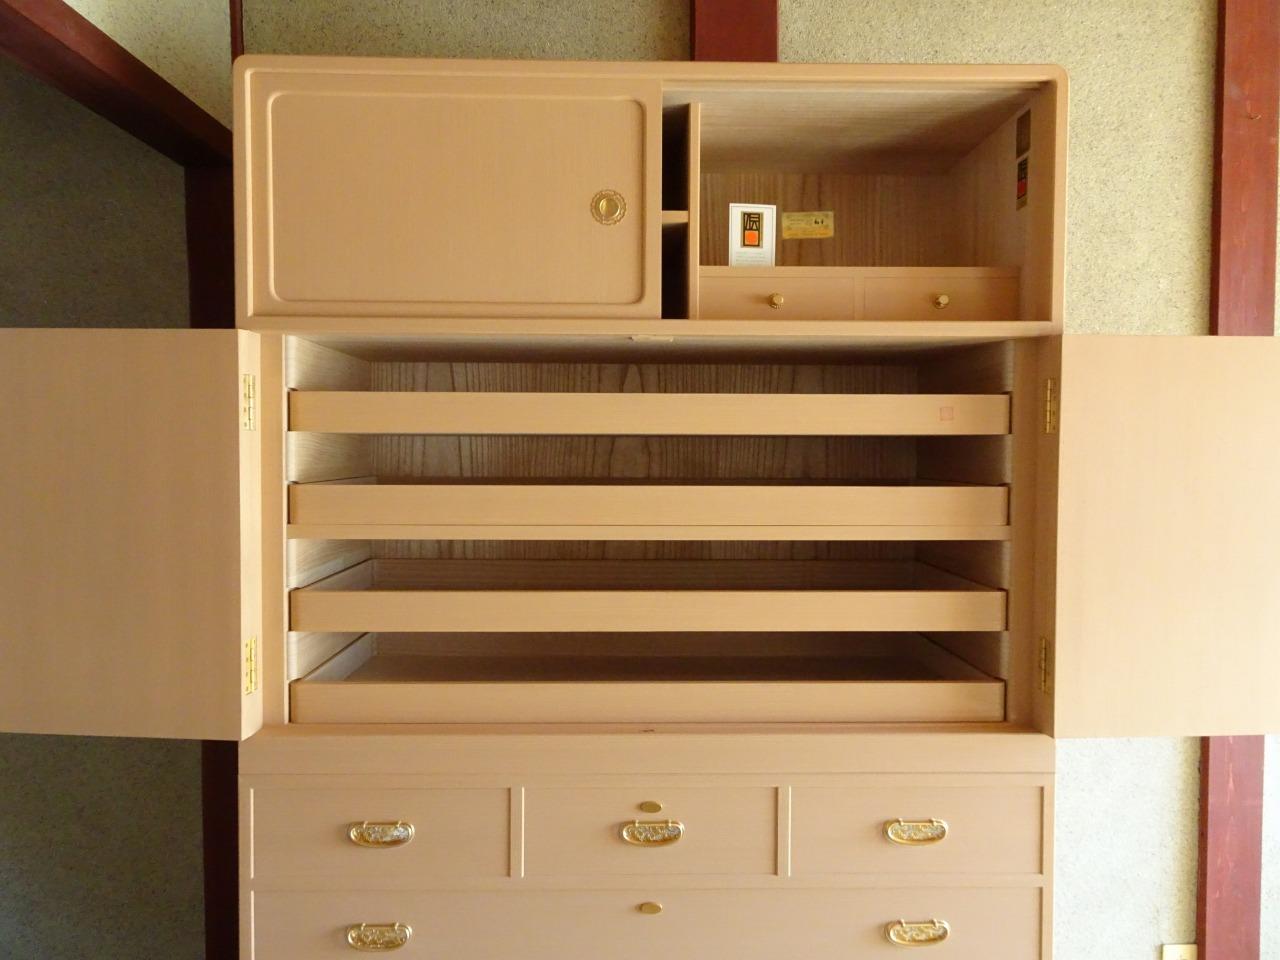 桐箪笥の納品事例!大阪府のN様の総桐天丸衣裳箪笥をお届けいたしました。